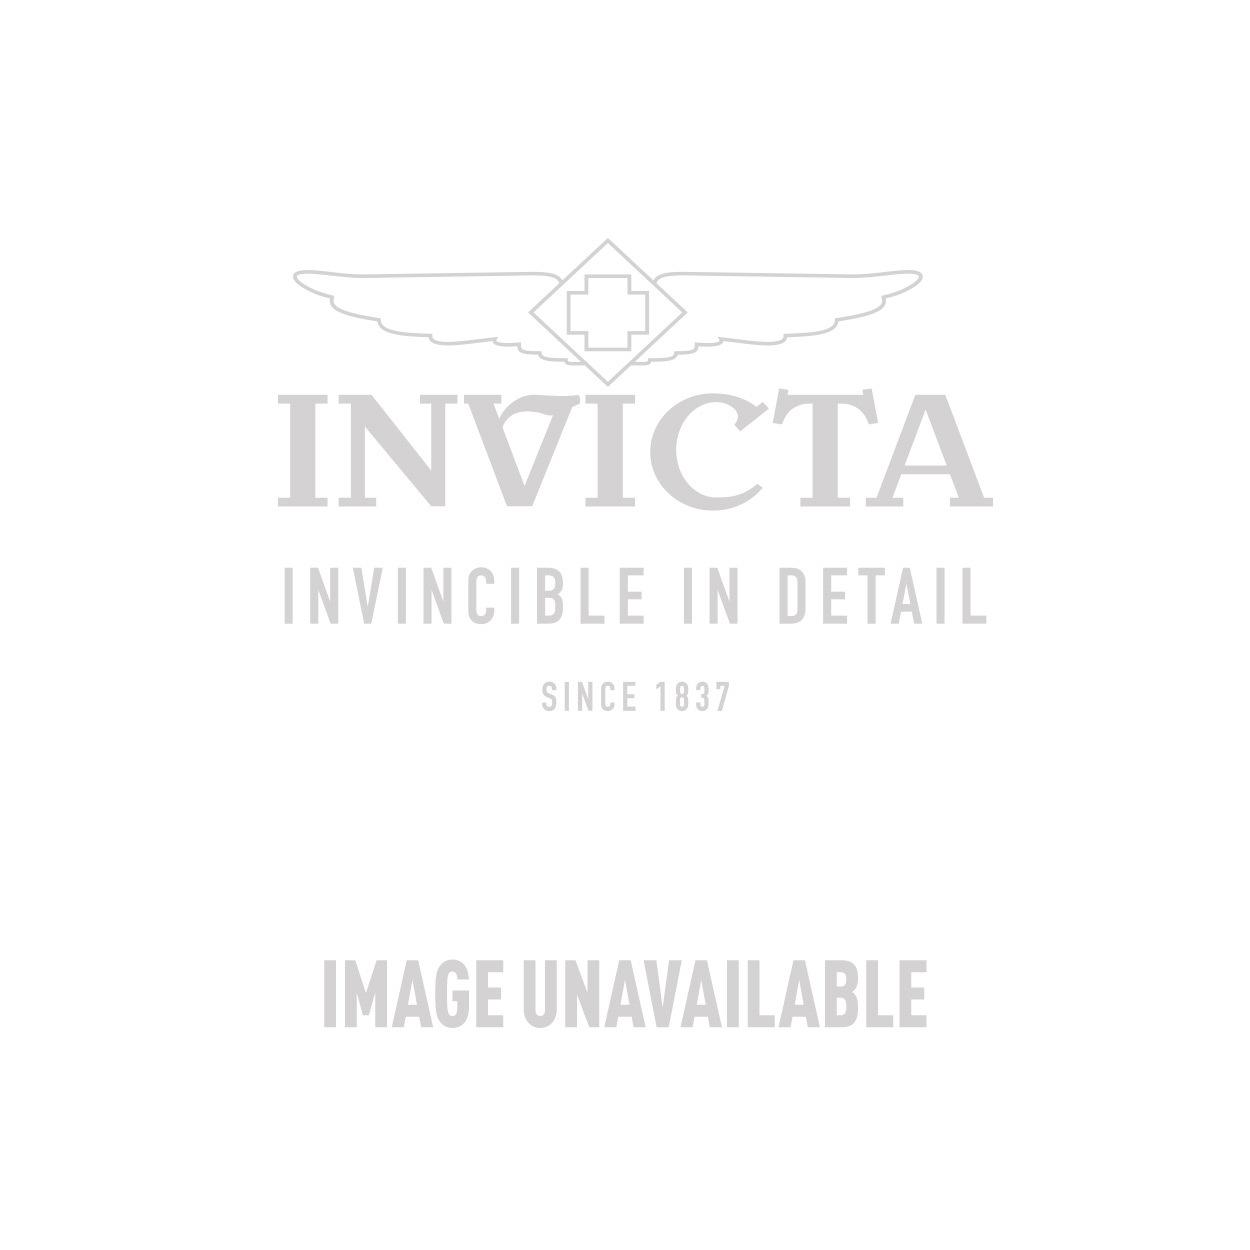 Invicta Model 27710